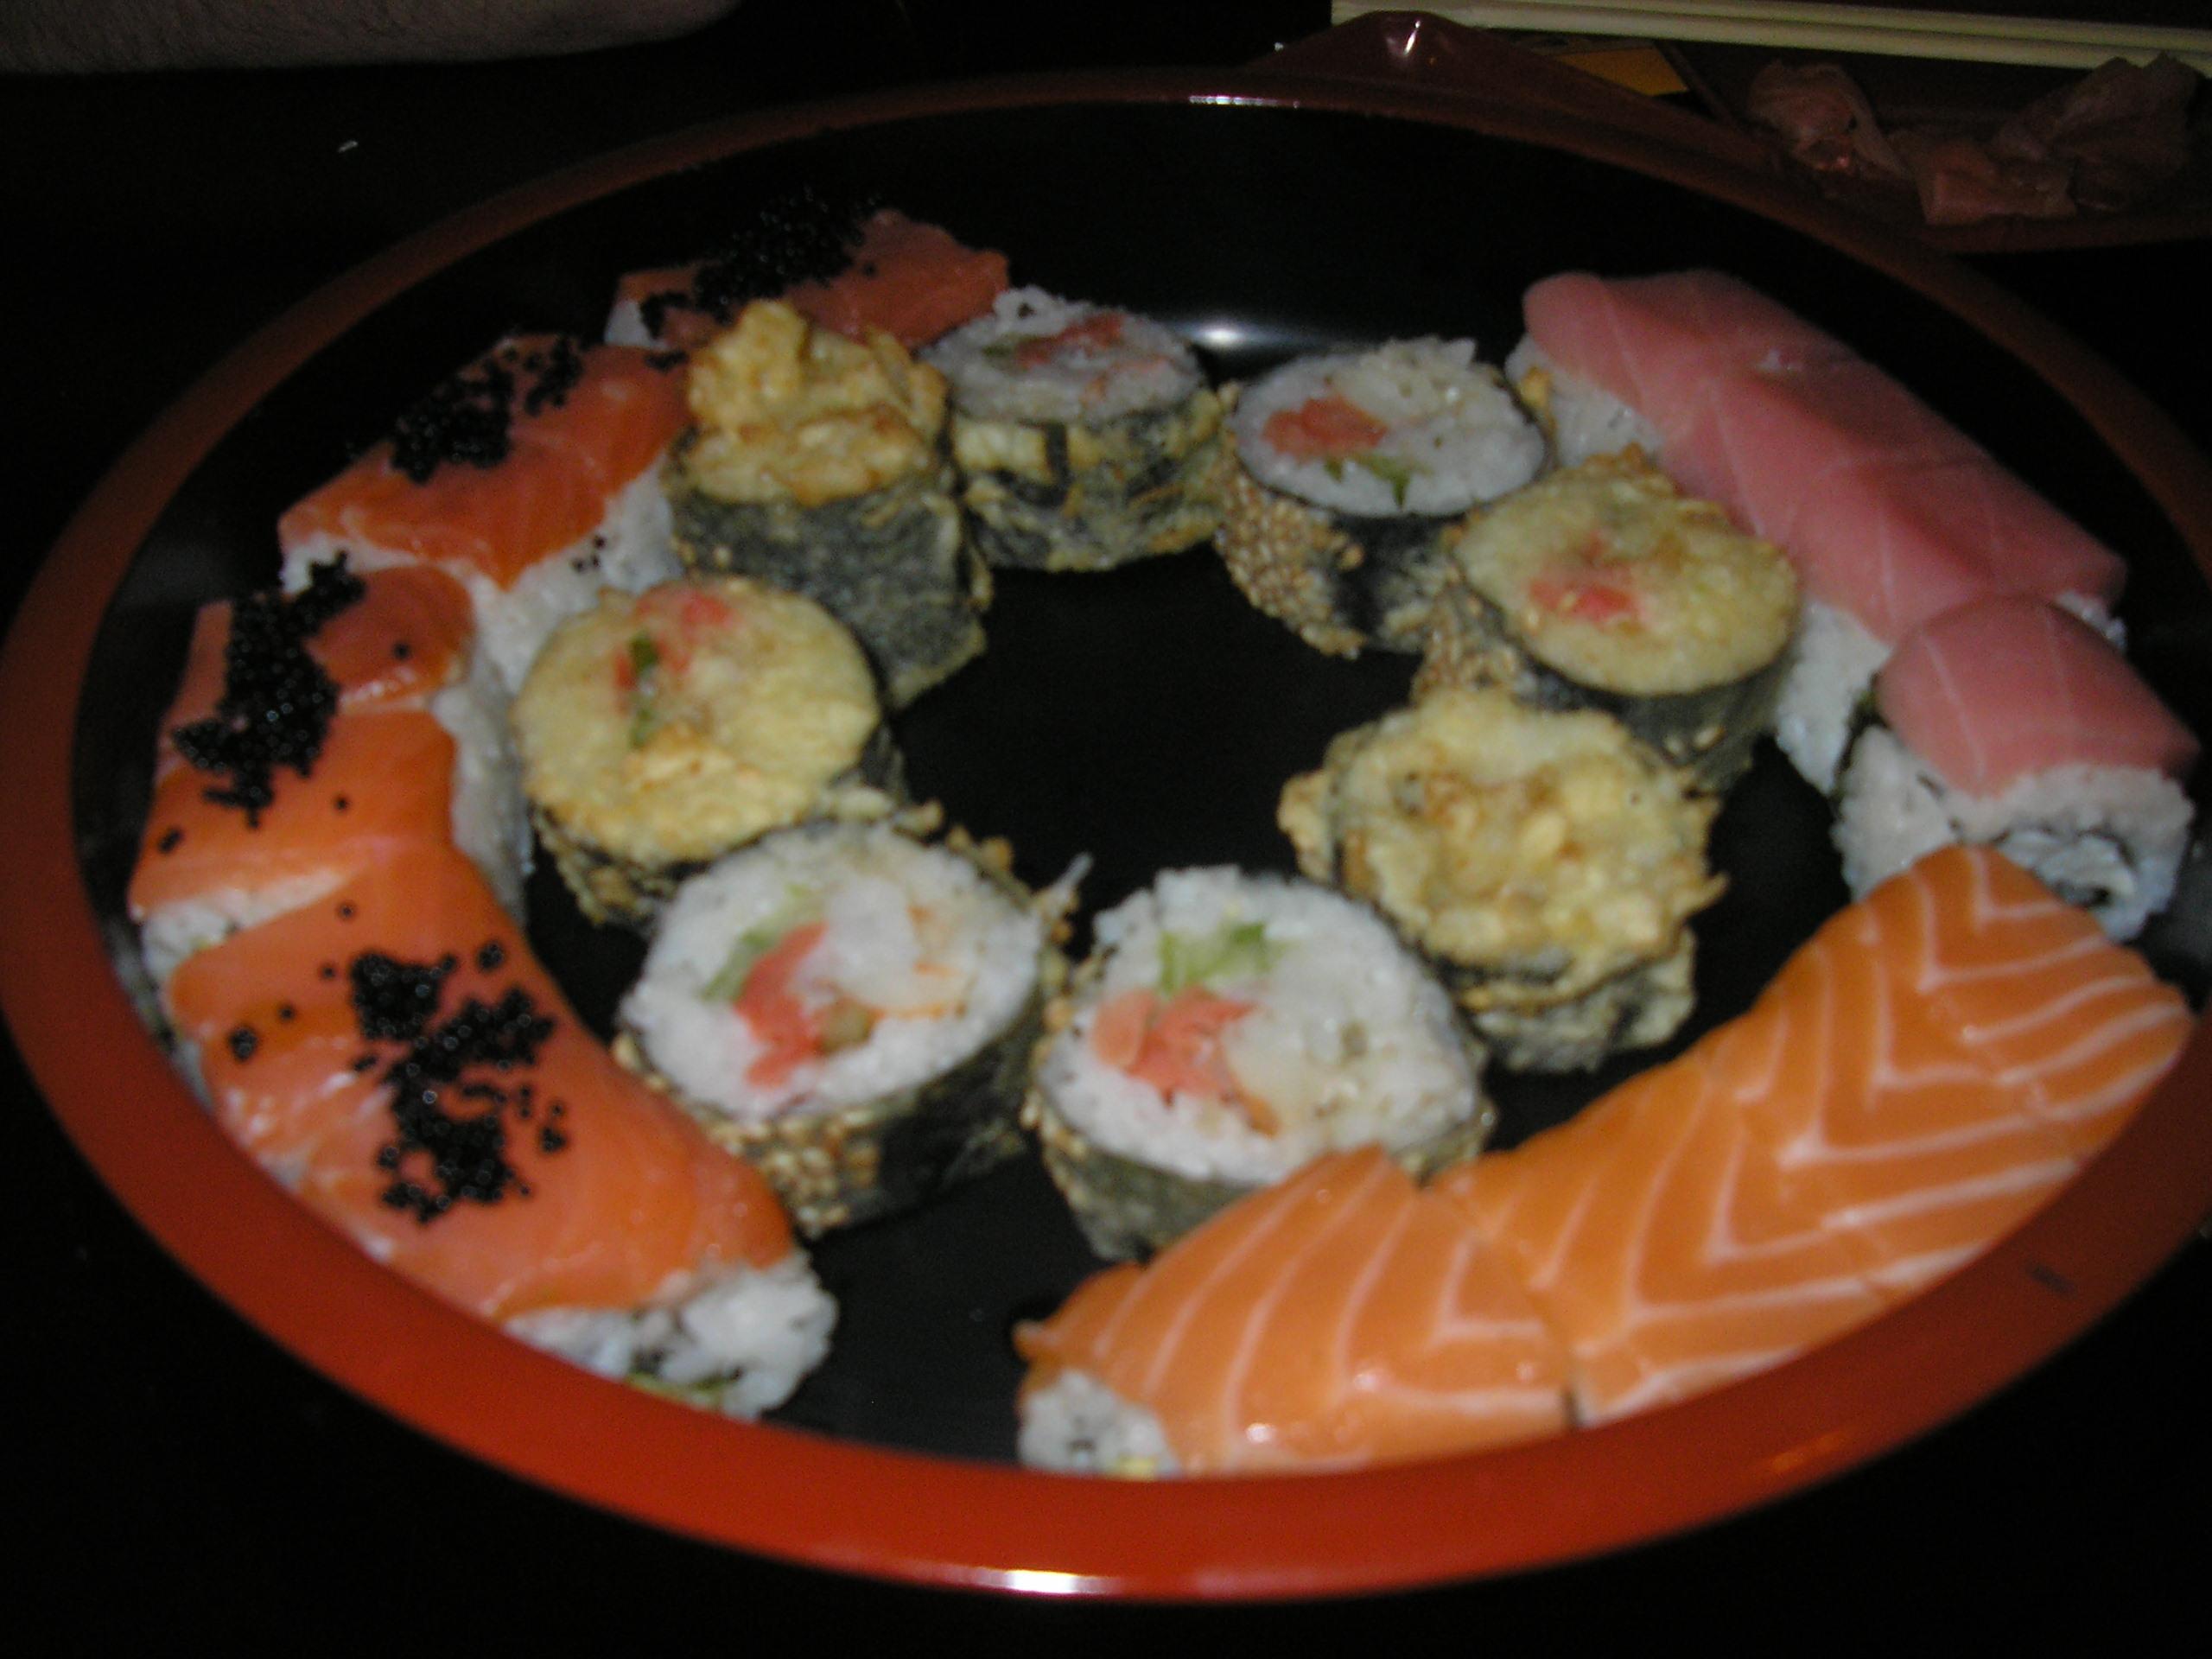 fc99d1c52c70 肝心の寿司のほうはおいしいです(←写真の寿司はちょっとギューギュー詰めですが)。 もちろん、ベラルーシの寿司屋にしては、という意味ですよ。